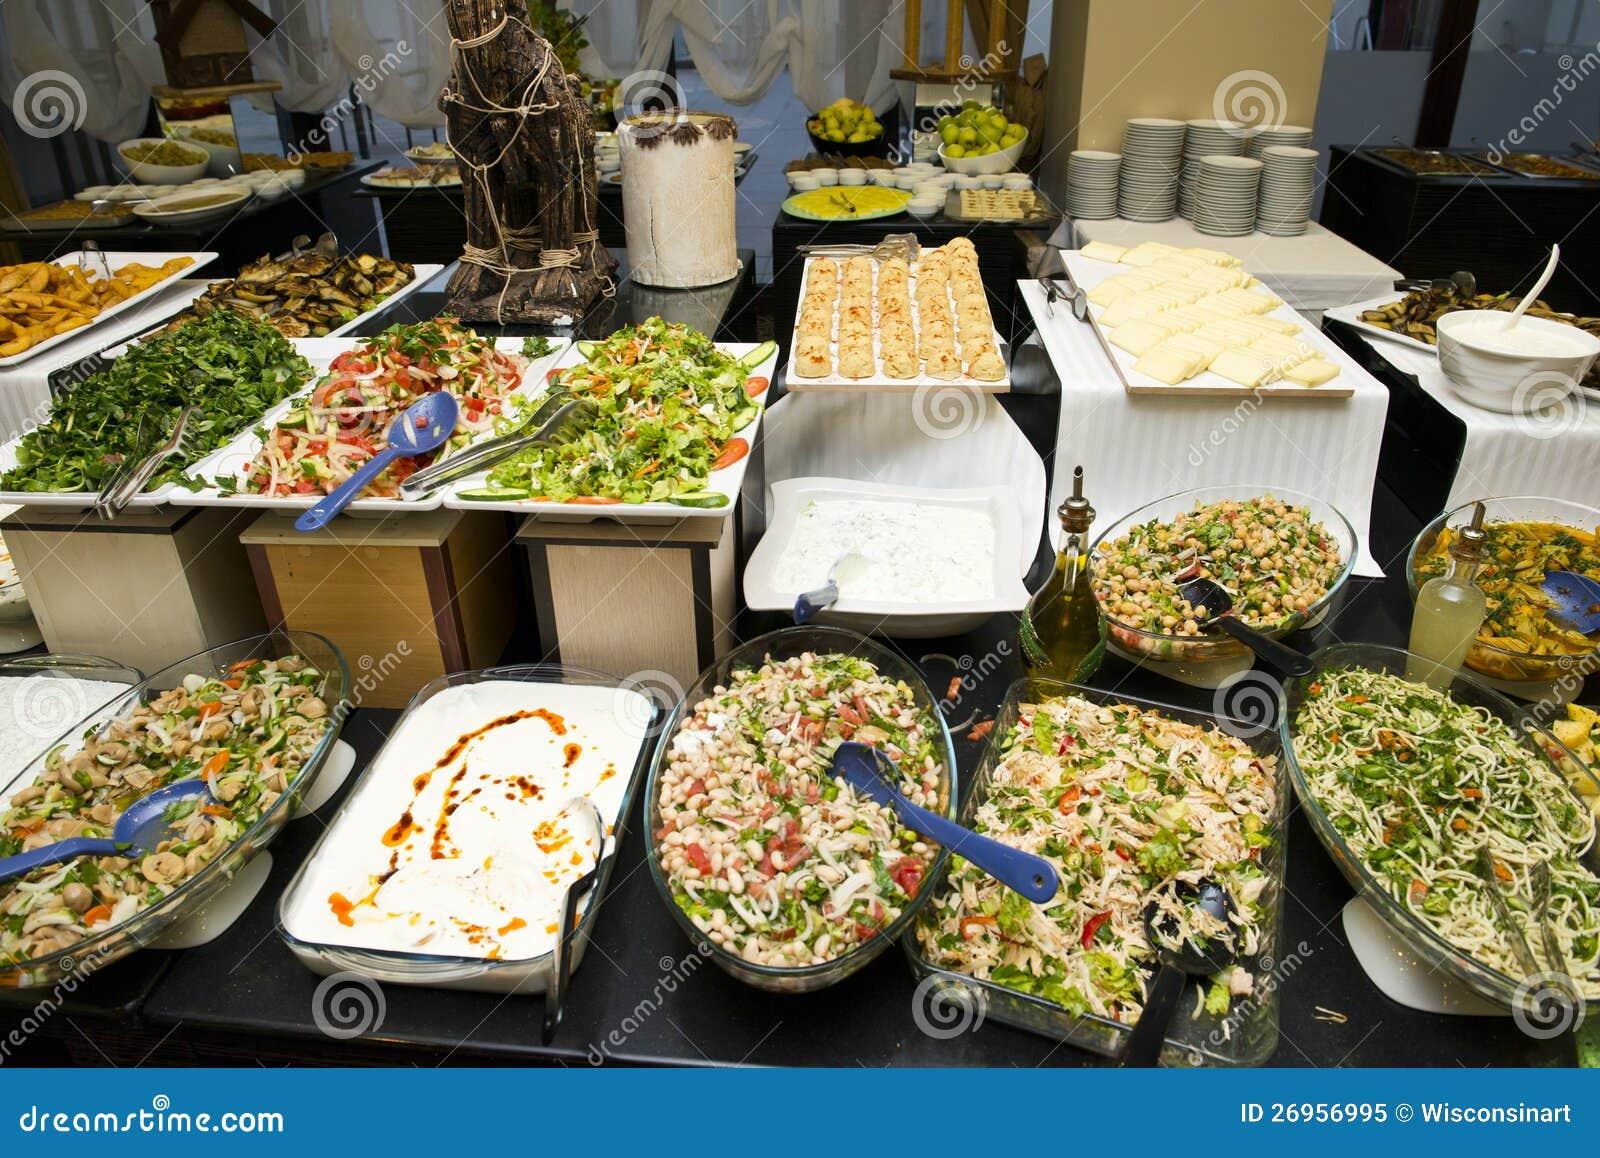 Шведский стол еды